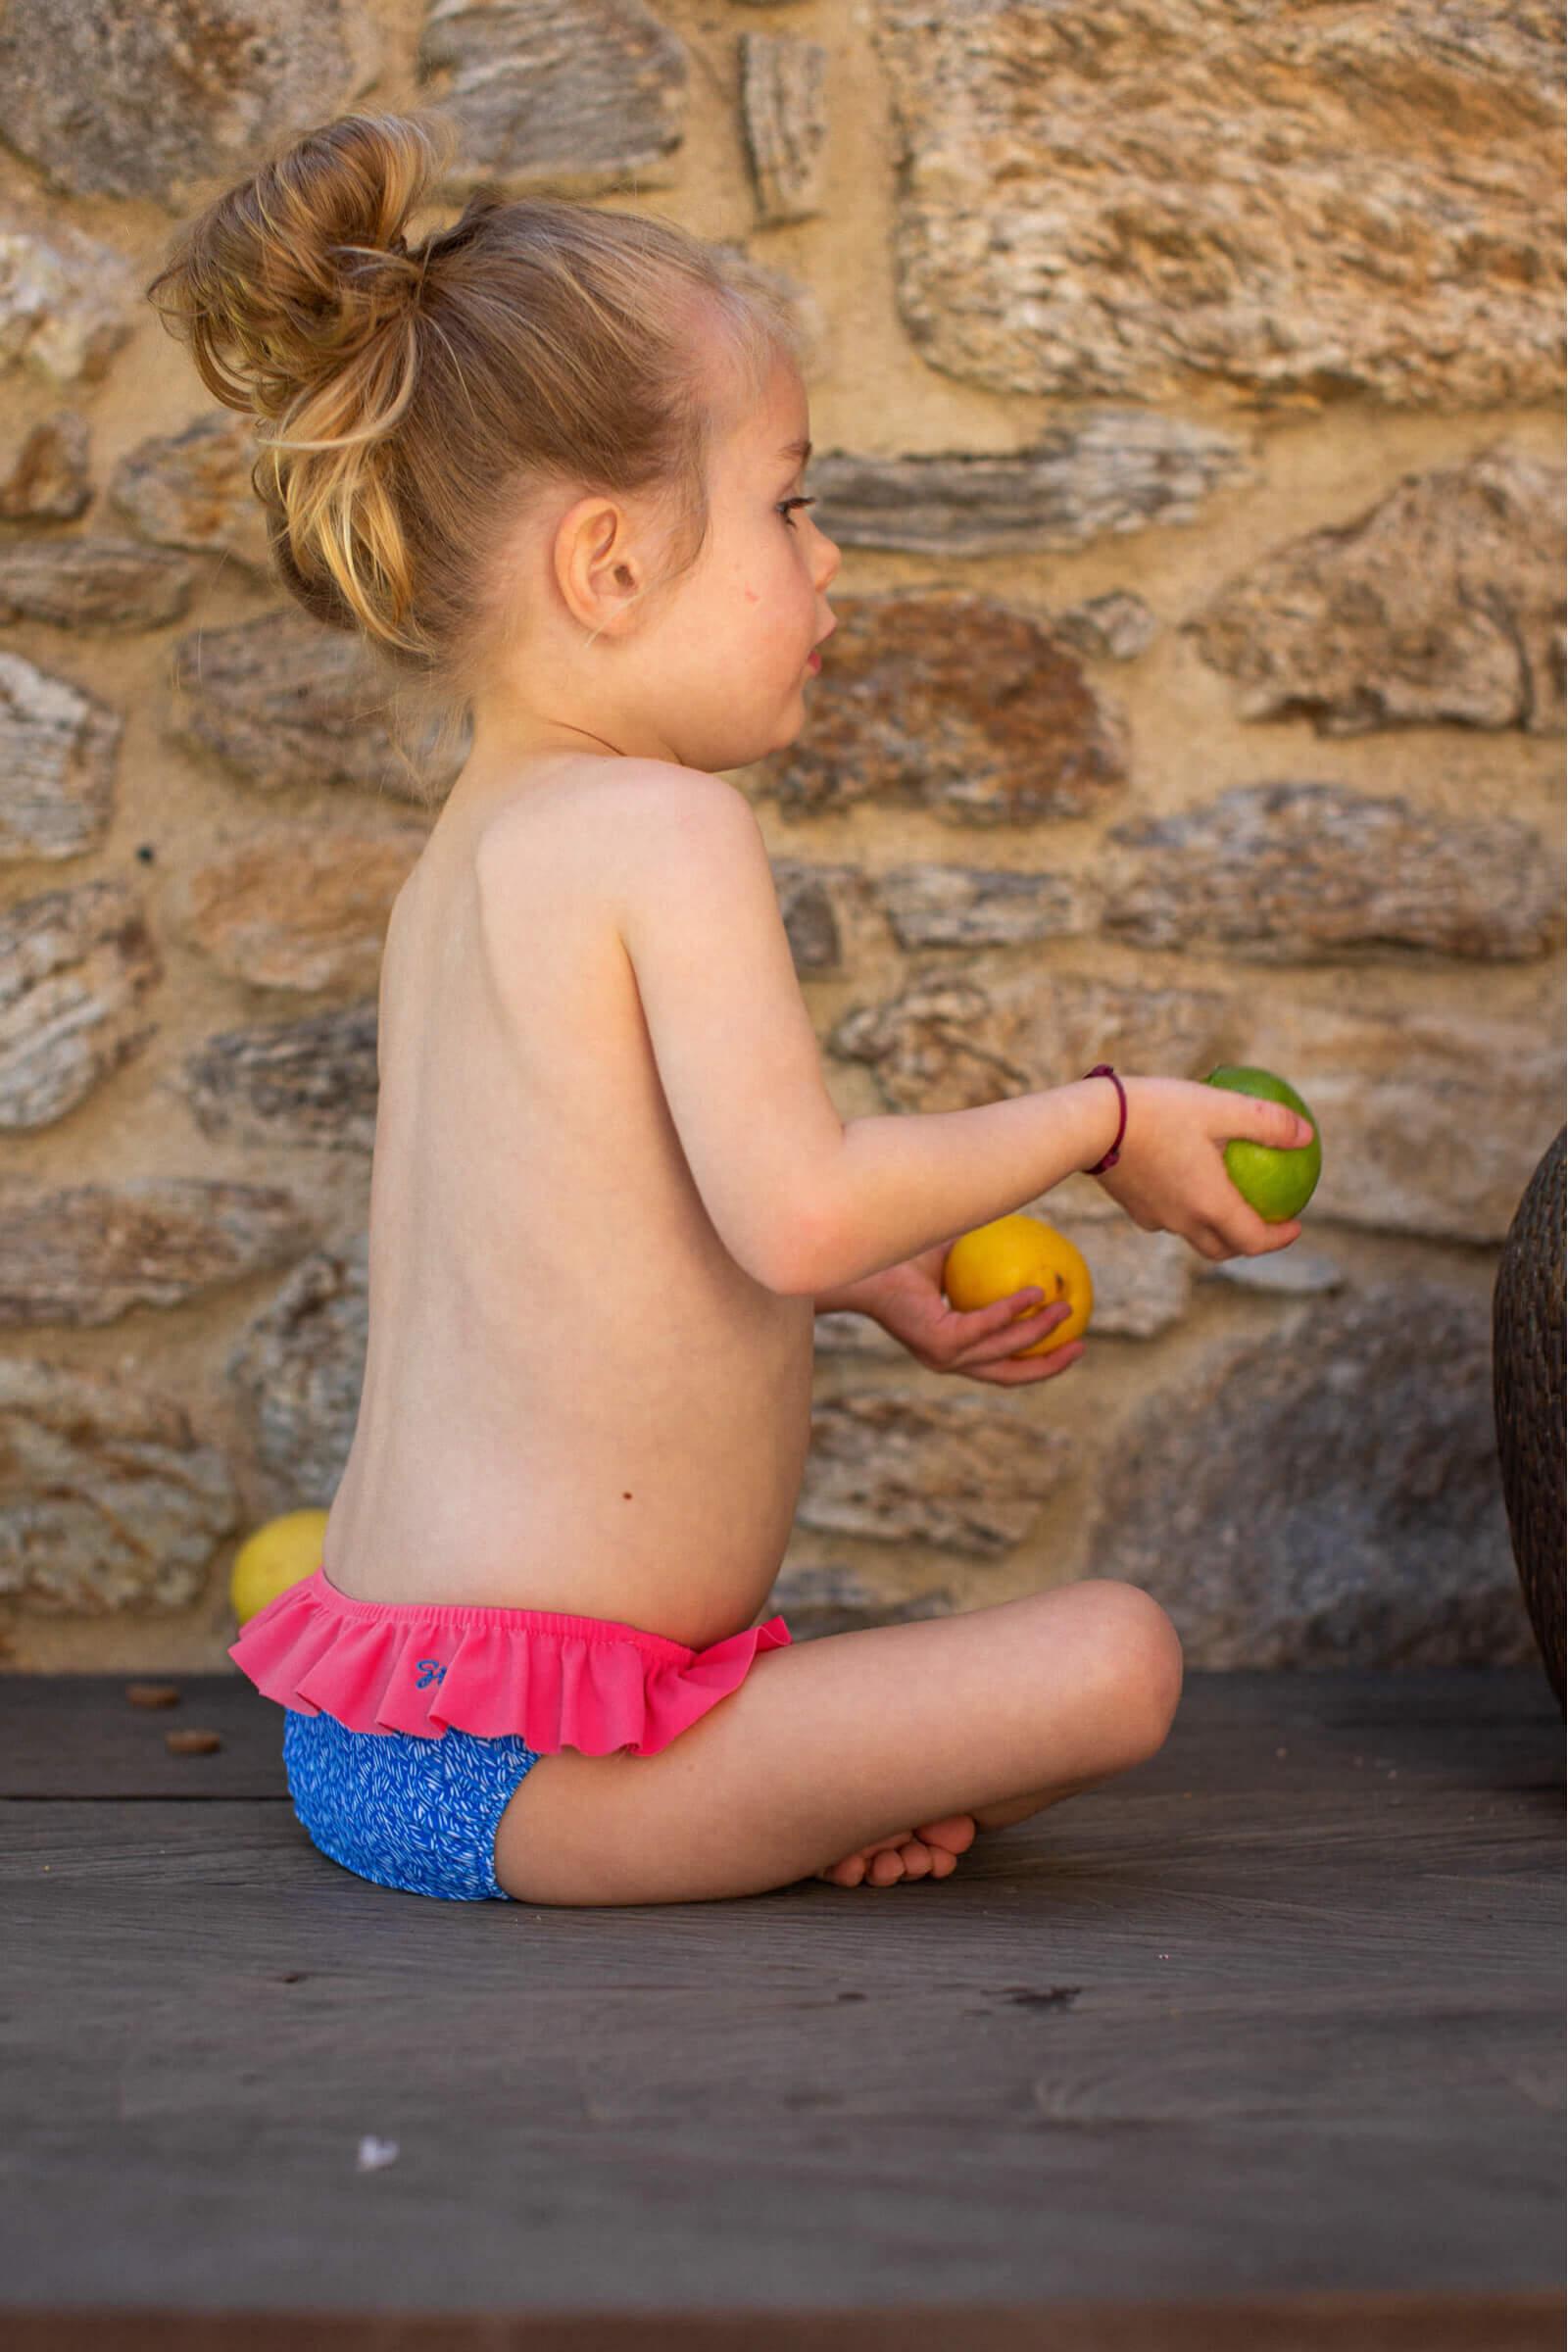 Baby girl wearing Riviera bikini bottom